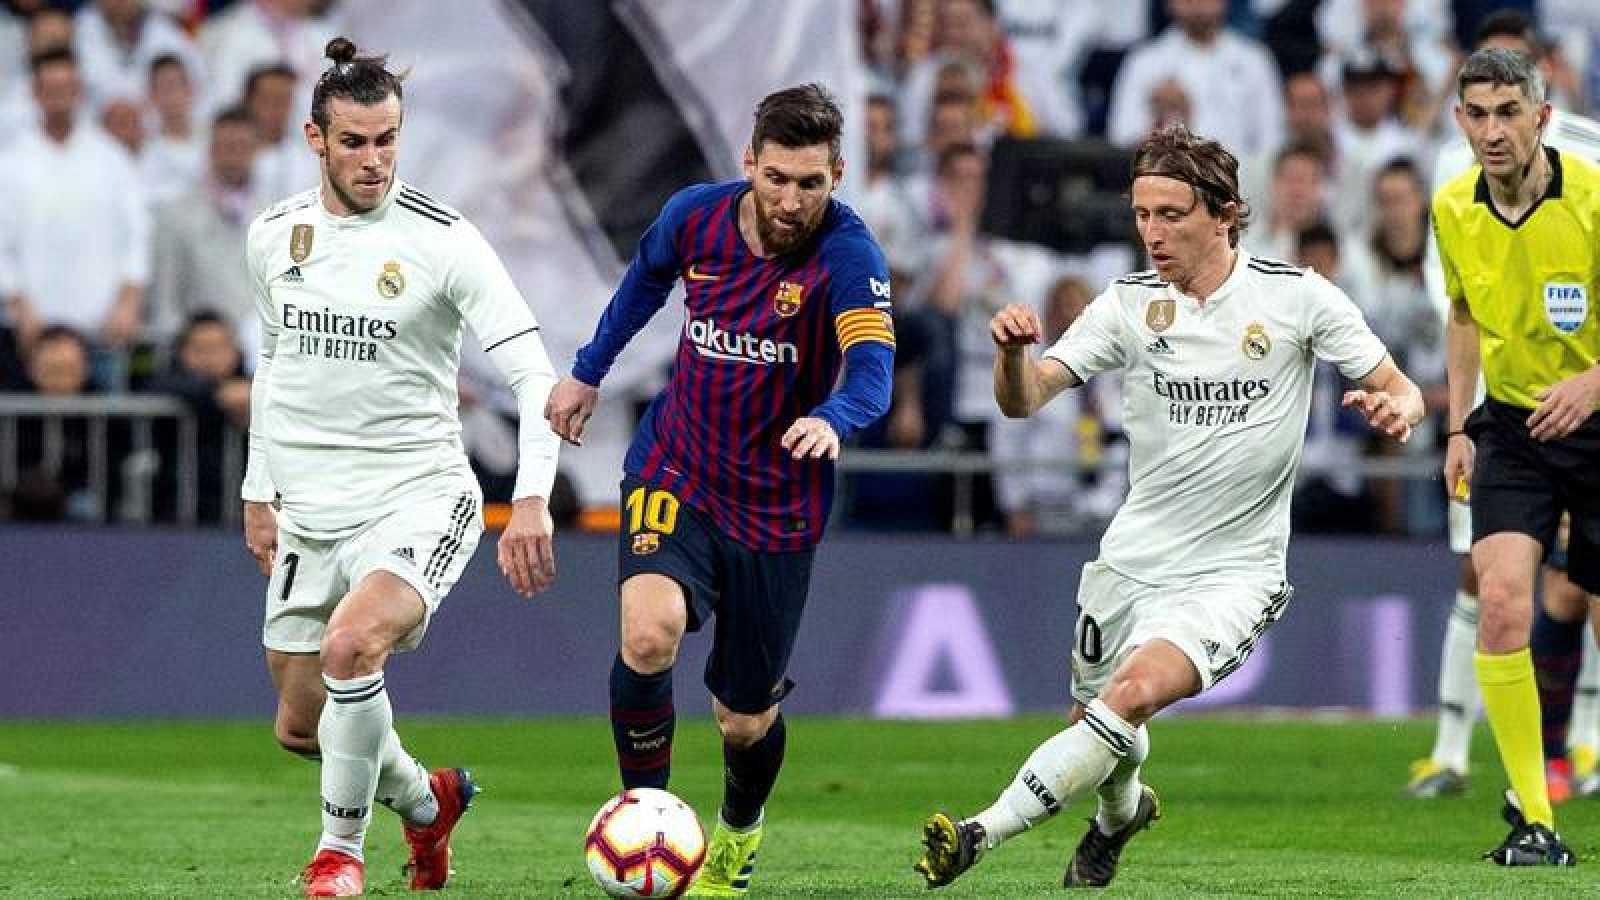 Los clubes profesionales españoles incrementan sus ingresos en 2018 fbbdc82d37502